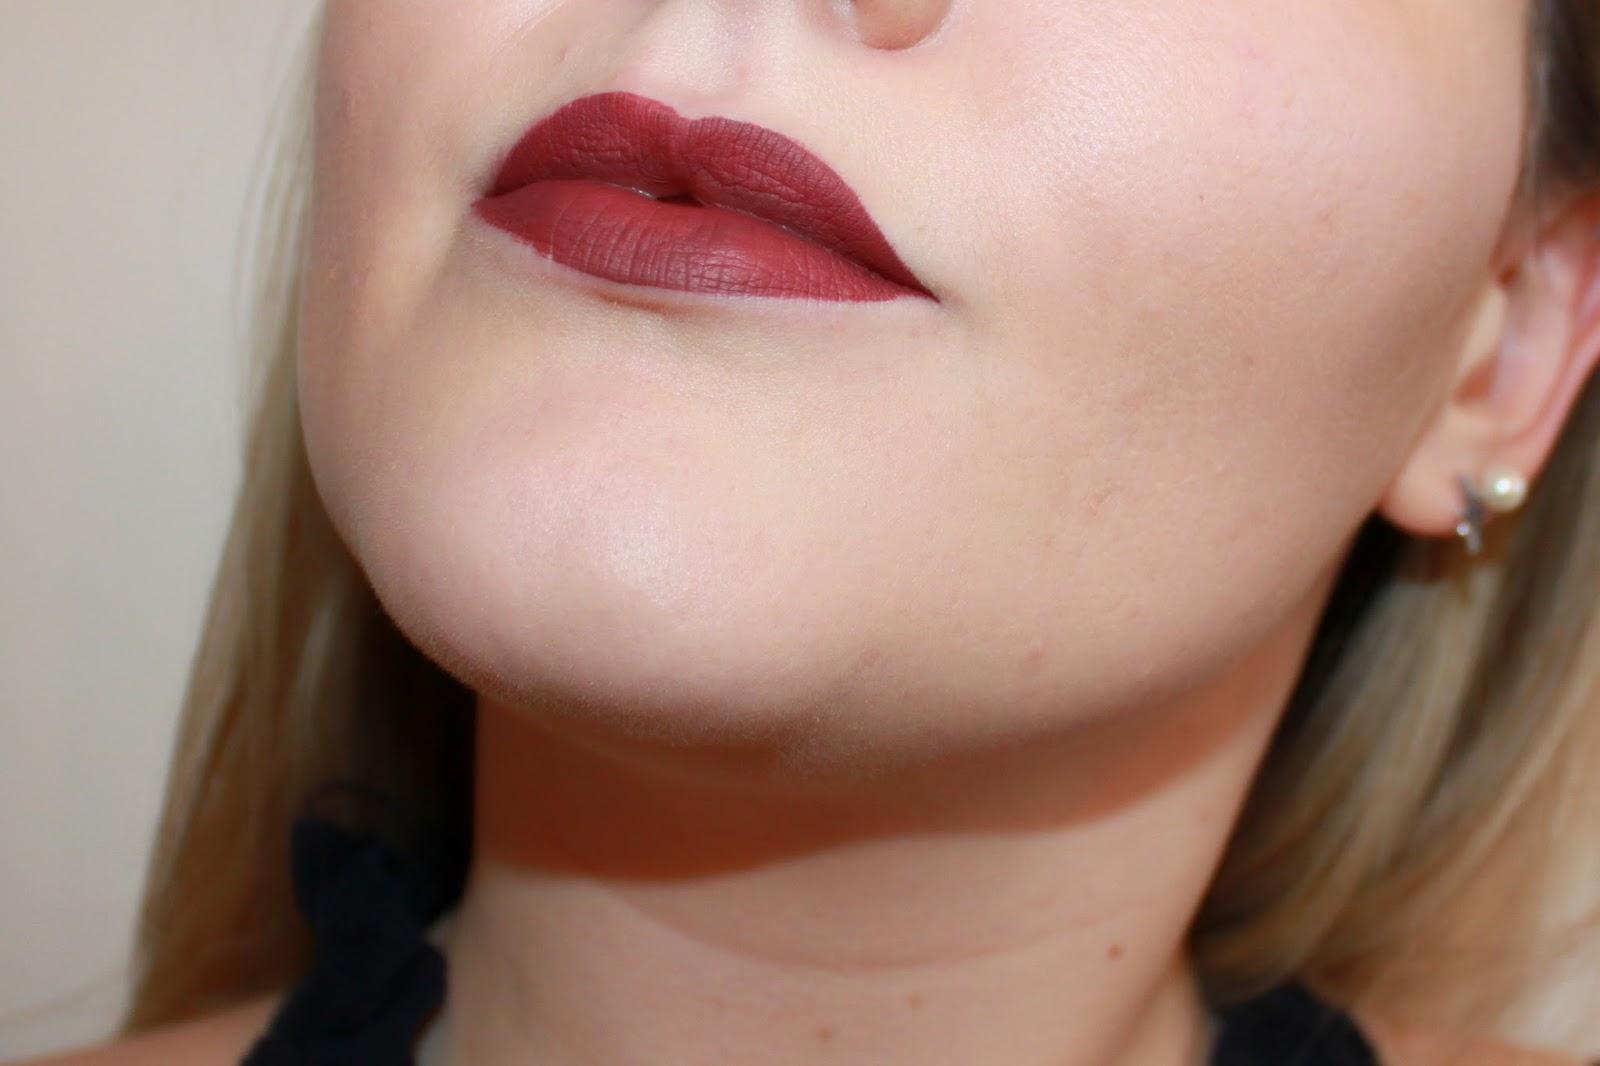 beauté avis Rouge Velouté sans transfert rouge à lèvres liquides mats teinte 24 DeuxAimes